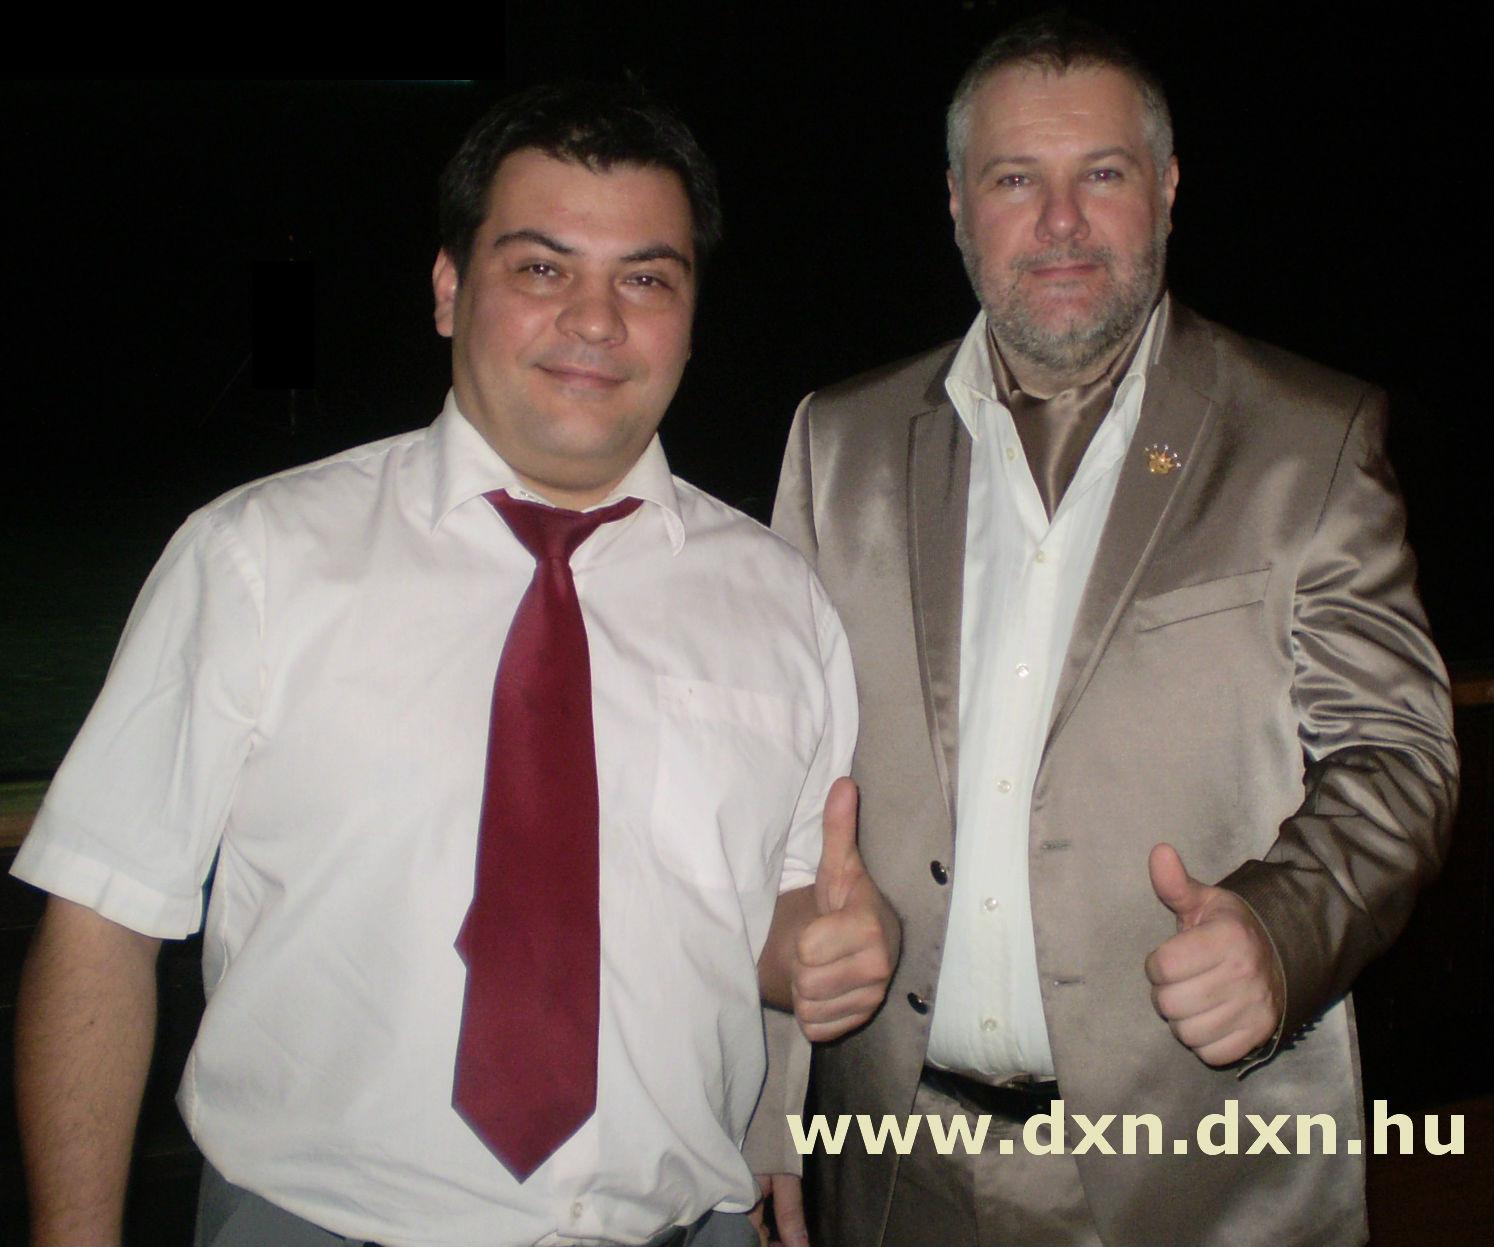 Kocsó Lászlóval - DXN Crown Ambassador